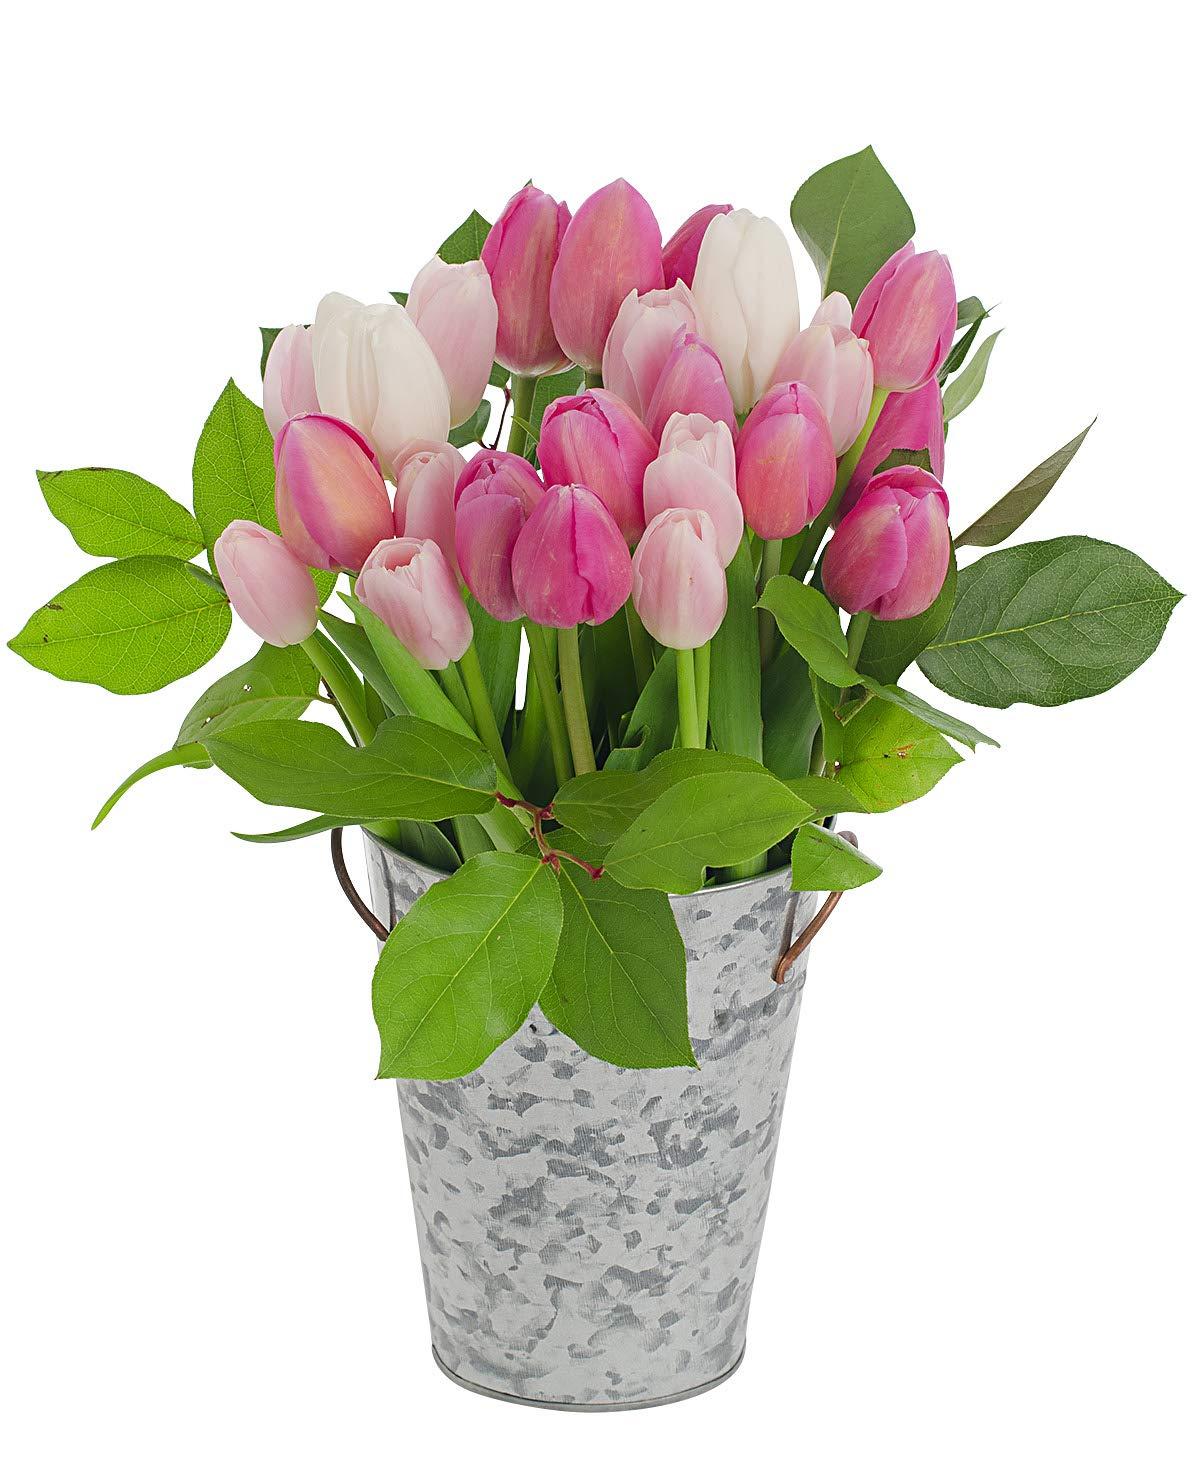 Stargazer Barn - Smitten Bouquet - 2 Dozen Assorted Pink & White Tulips With Metal Vase - Farm Fresh by Stargazer Barn